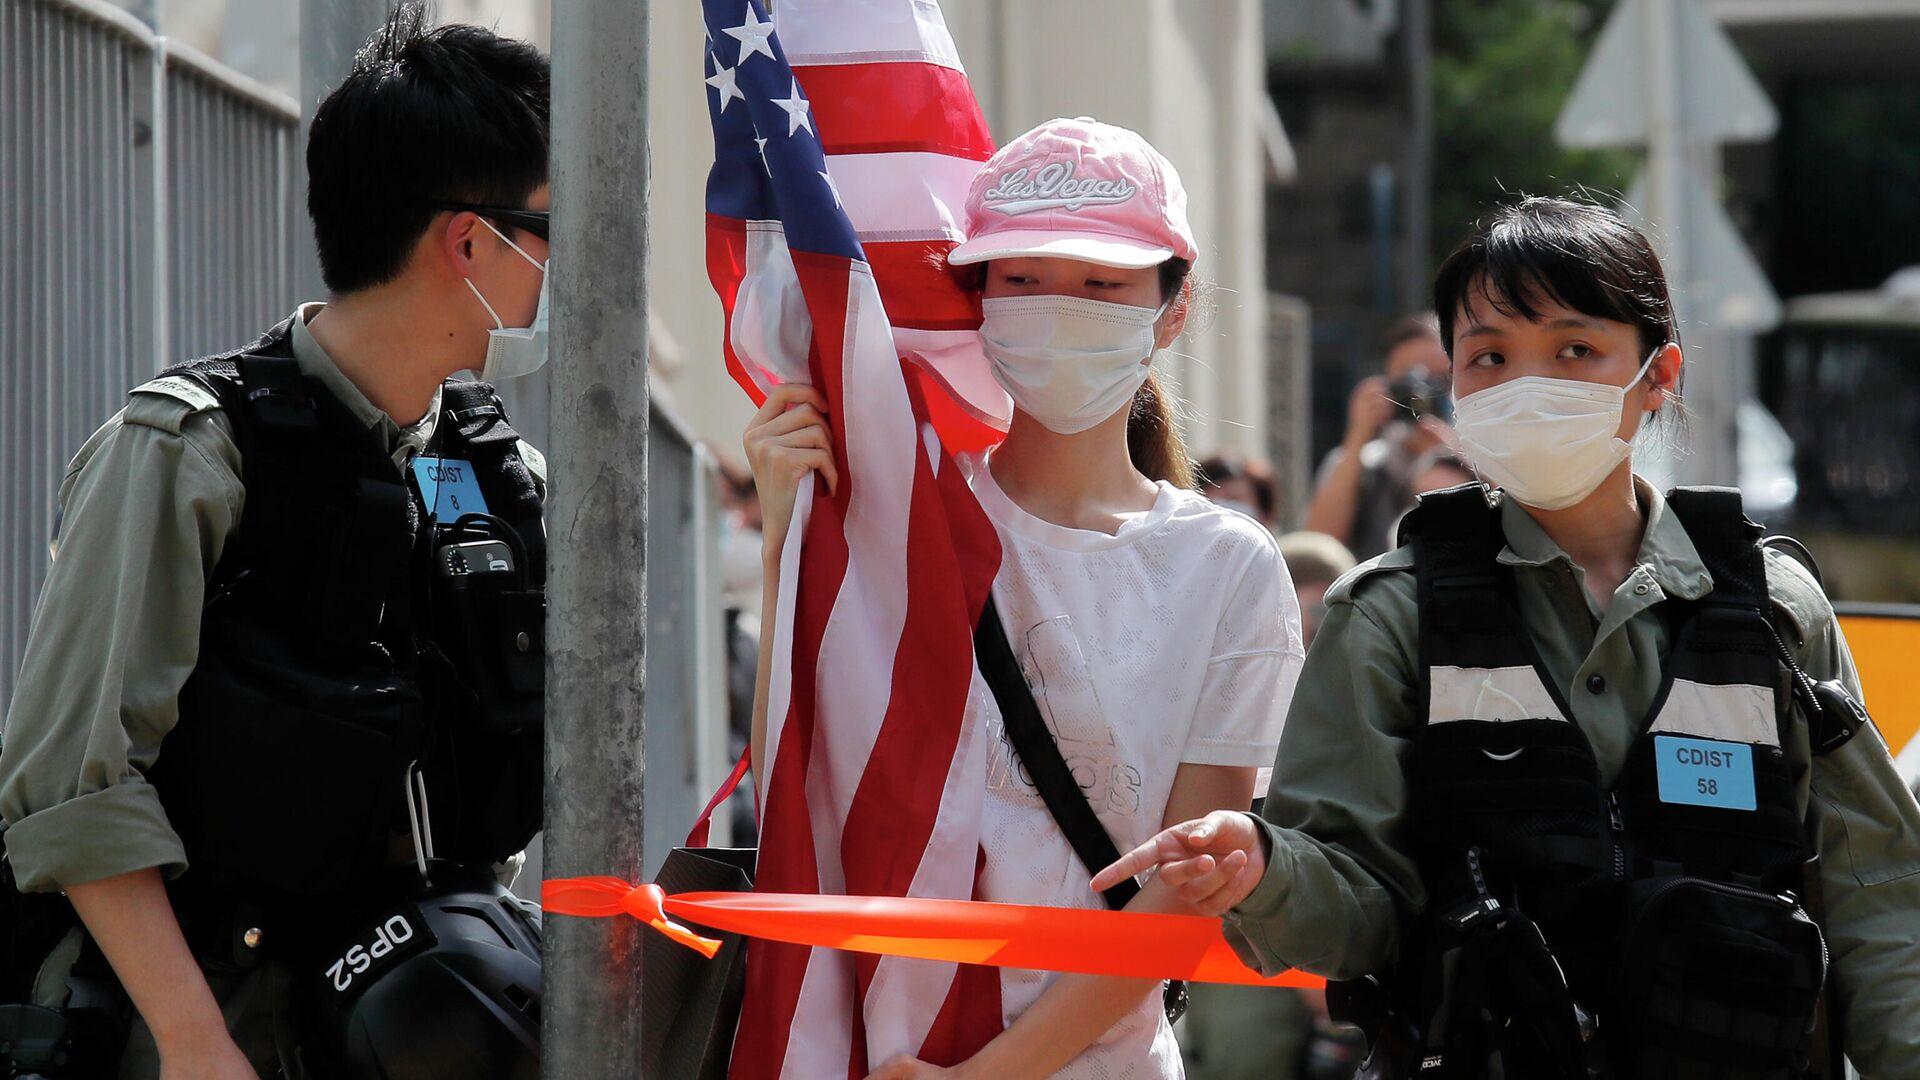 Протесты около посольства США в Гонконге  - РИА Новости, 1920, 16.01.2021